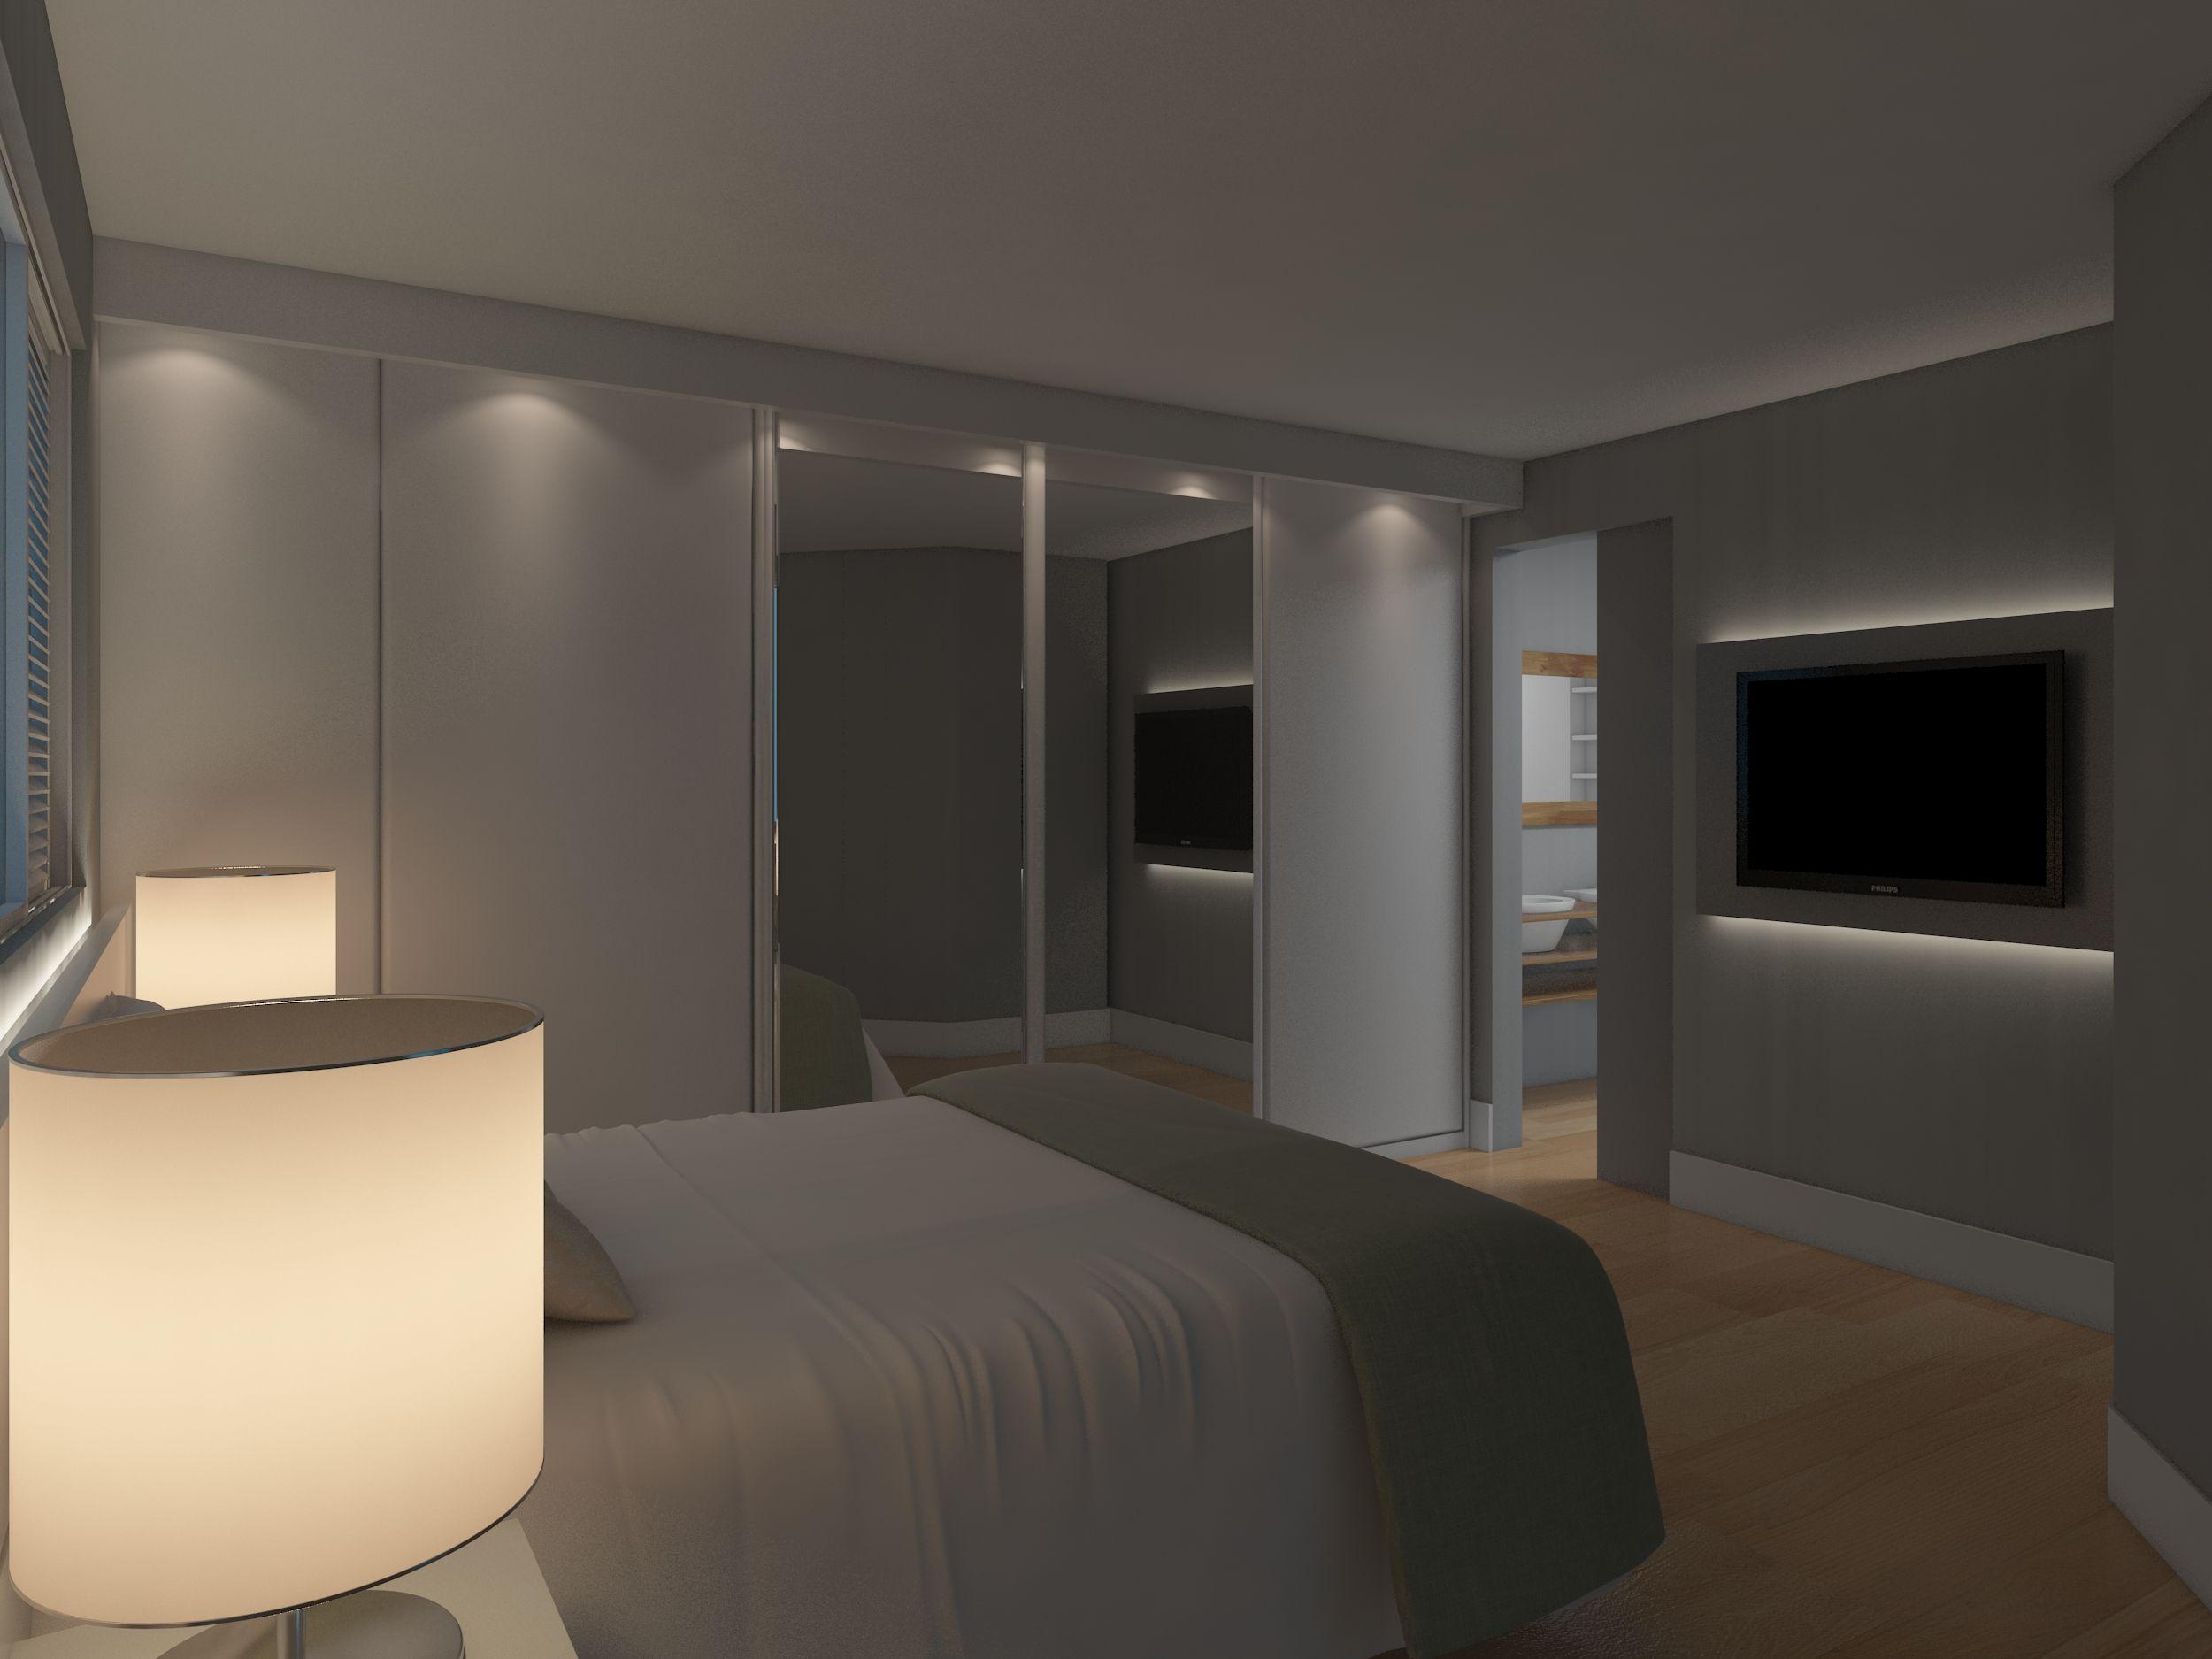 Projecto de reforma integral apartamento em Vila Nova Conceição (SP) de 55 mq. Soluções de moveis dinâmicos que se transformam. Detalhe da Suite.